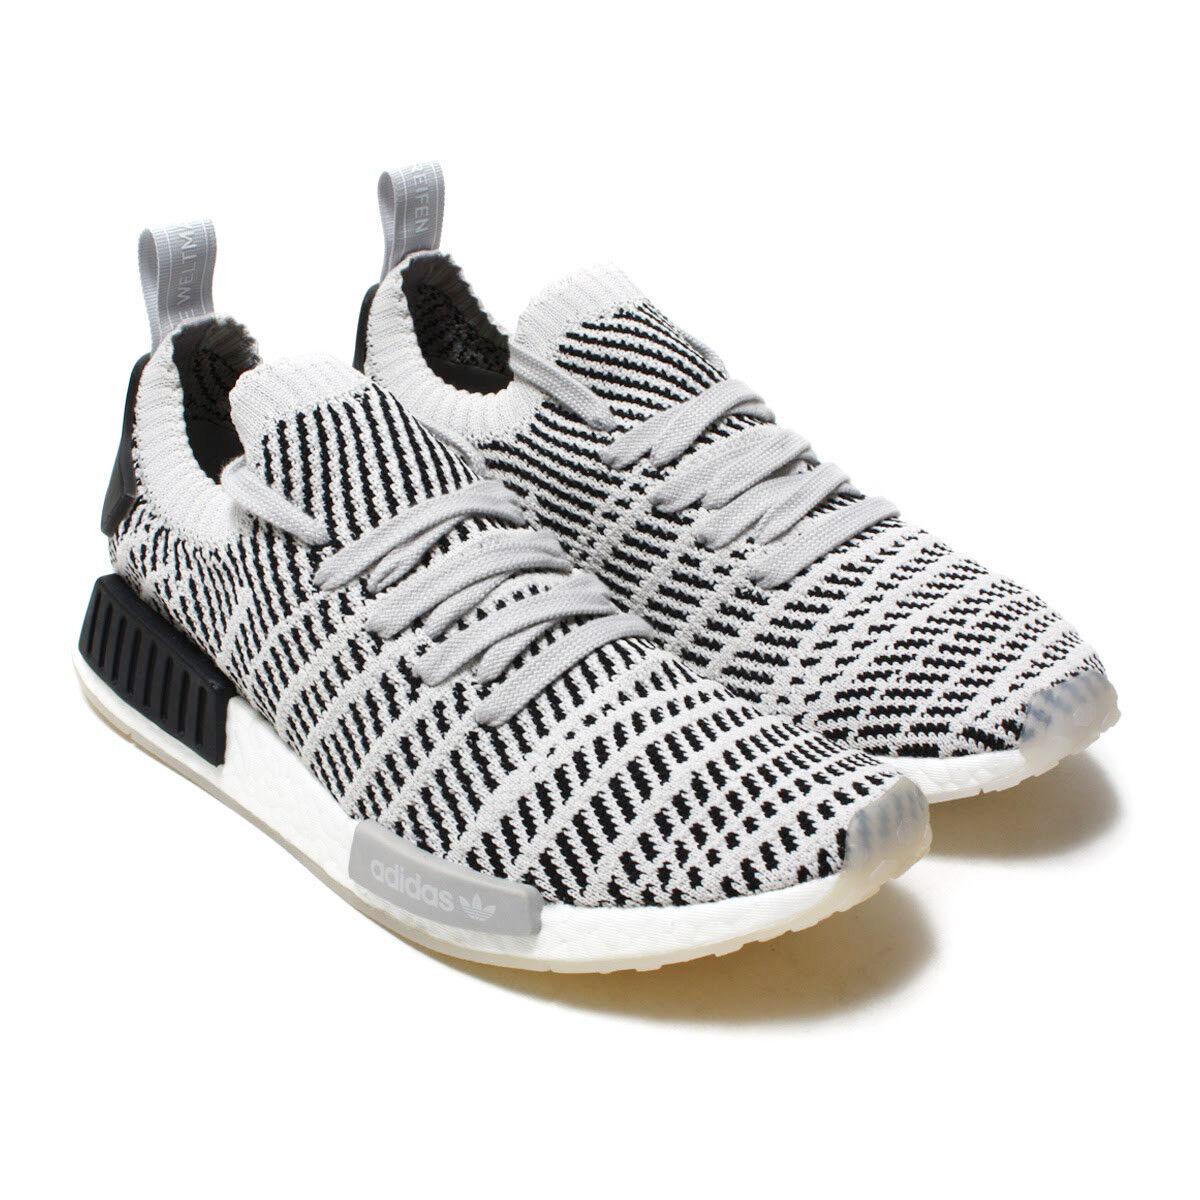 Adidas NMD R1 STLT PK Herren Schuhe Schuhe Schuhe Neu Gr:40 2/3  CQ2387 Flux superstar Zebra 59fd77